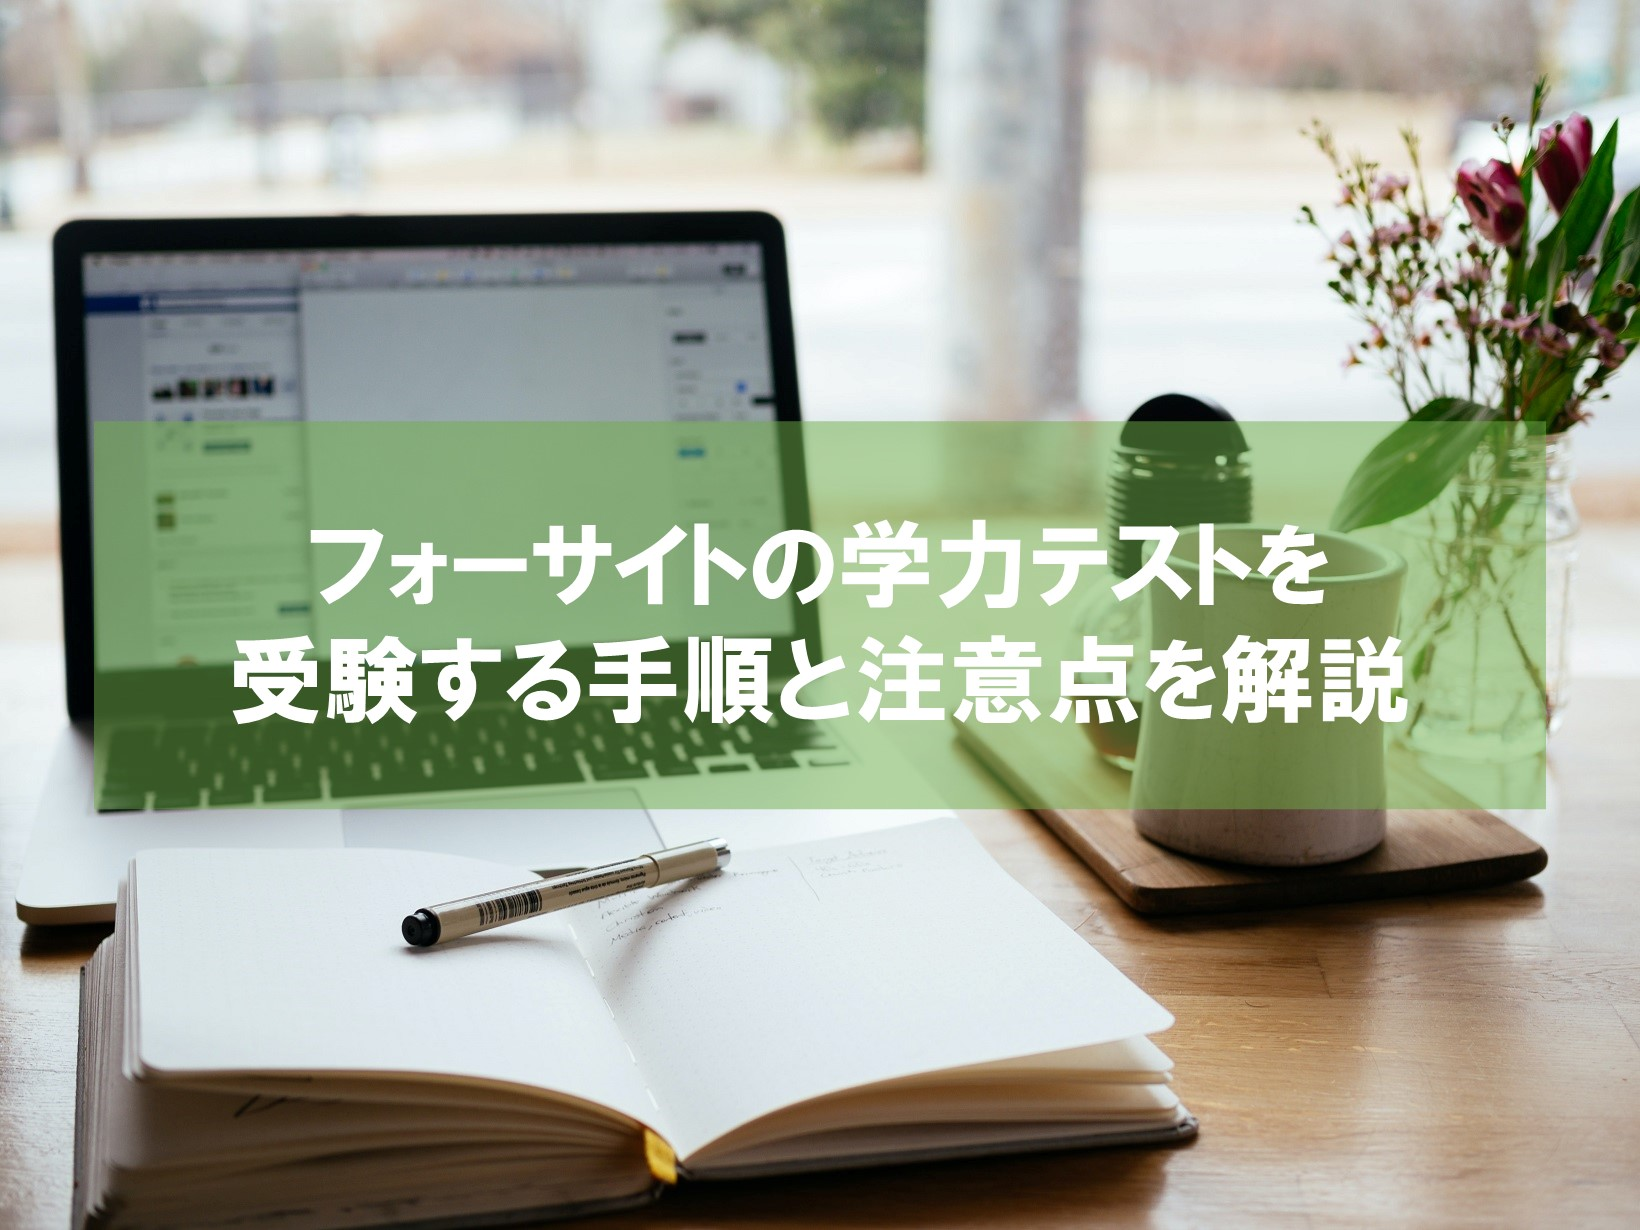 フォーサイトの学力テストを受験する手順と注意点を解説